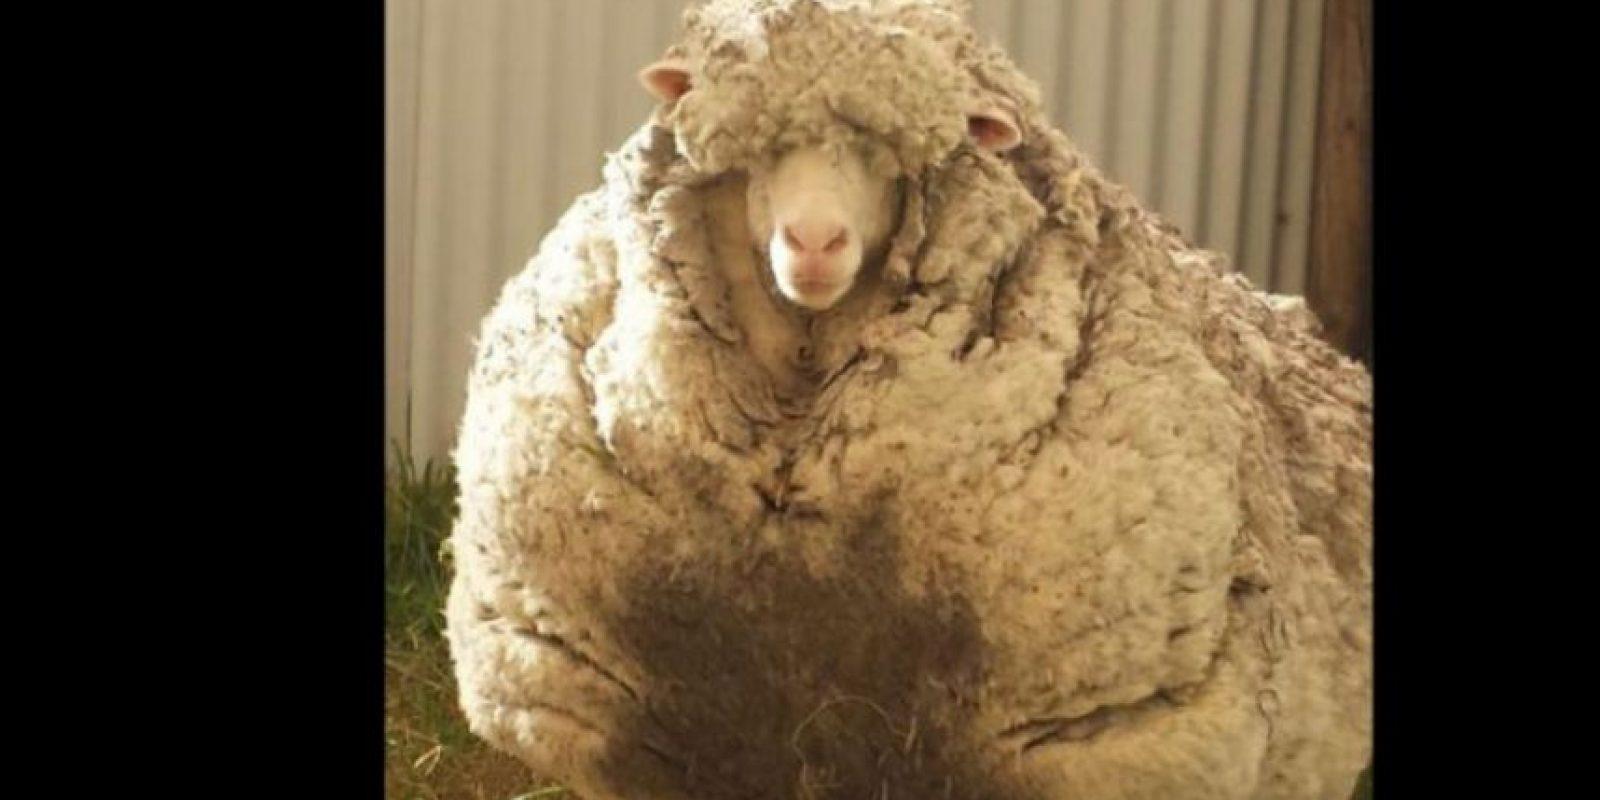 La oveja ahora llamada Chris fue encontrada y rescatada por la sociedad Real para la Prevención de la Crueldad contra Animales en Canberra (RSPCA), Australia. Foto:Vía Twitter @tvendange